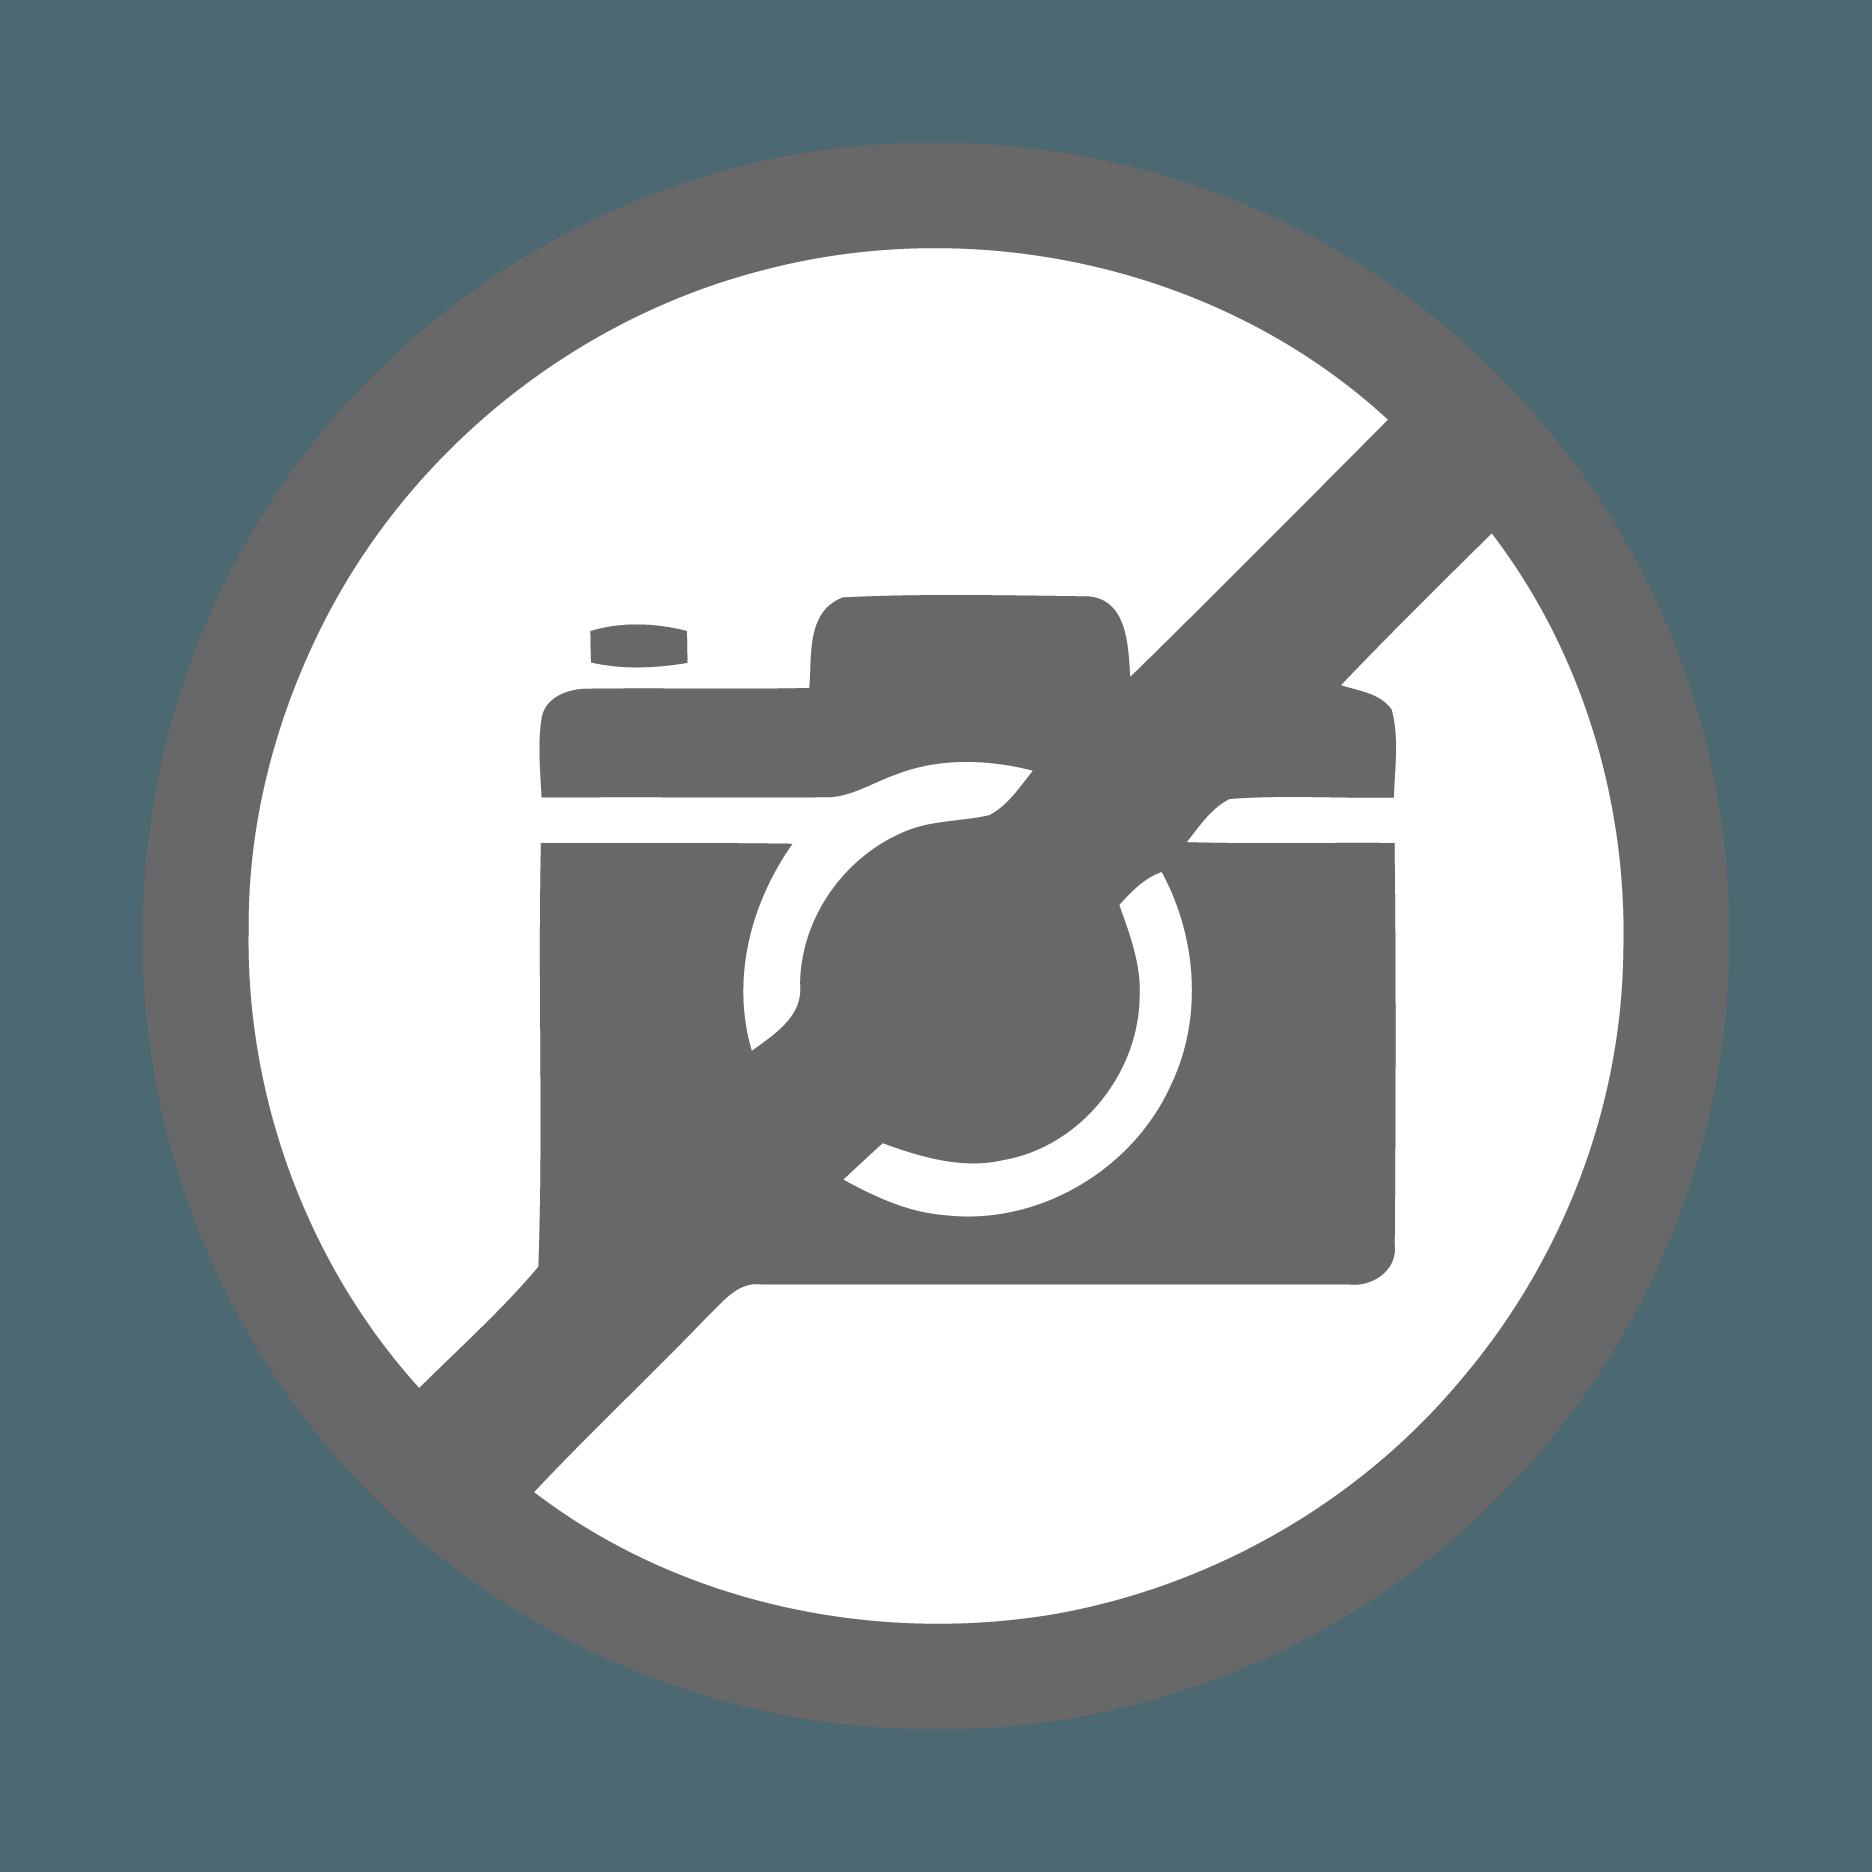 Longfonds-directeur Michael Rutgers leidt een organisatie die steeds minder lijkt op een fondswervend goed doel, en steeds meer op een beweging met maatschappelijke aandeelhouders en een maatschappelijke missie.